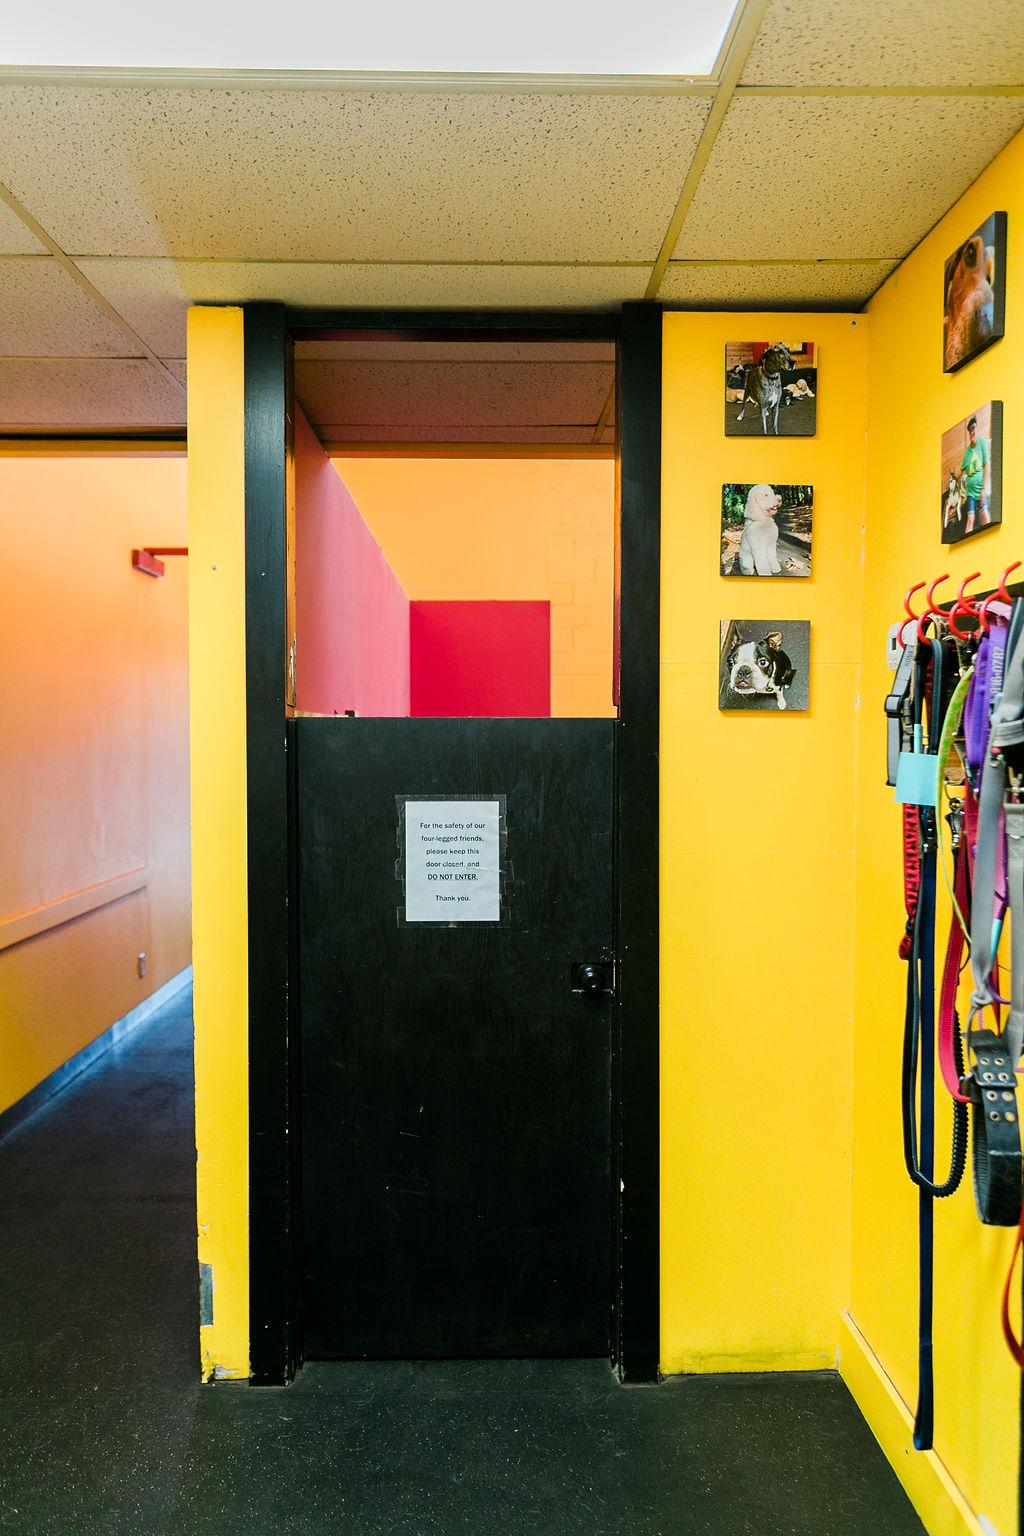 Main Entrance to Playroom at Dog Buddies Daycare